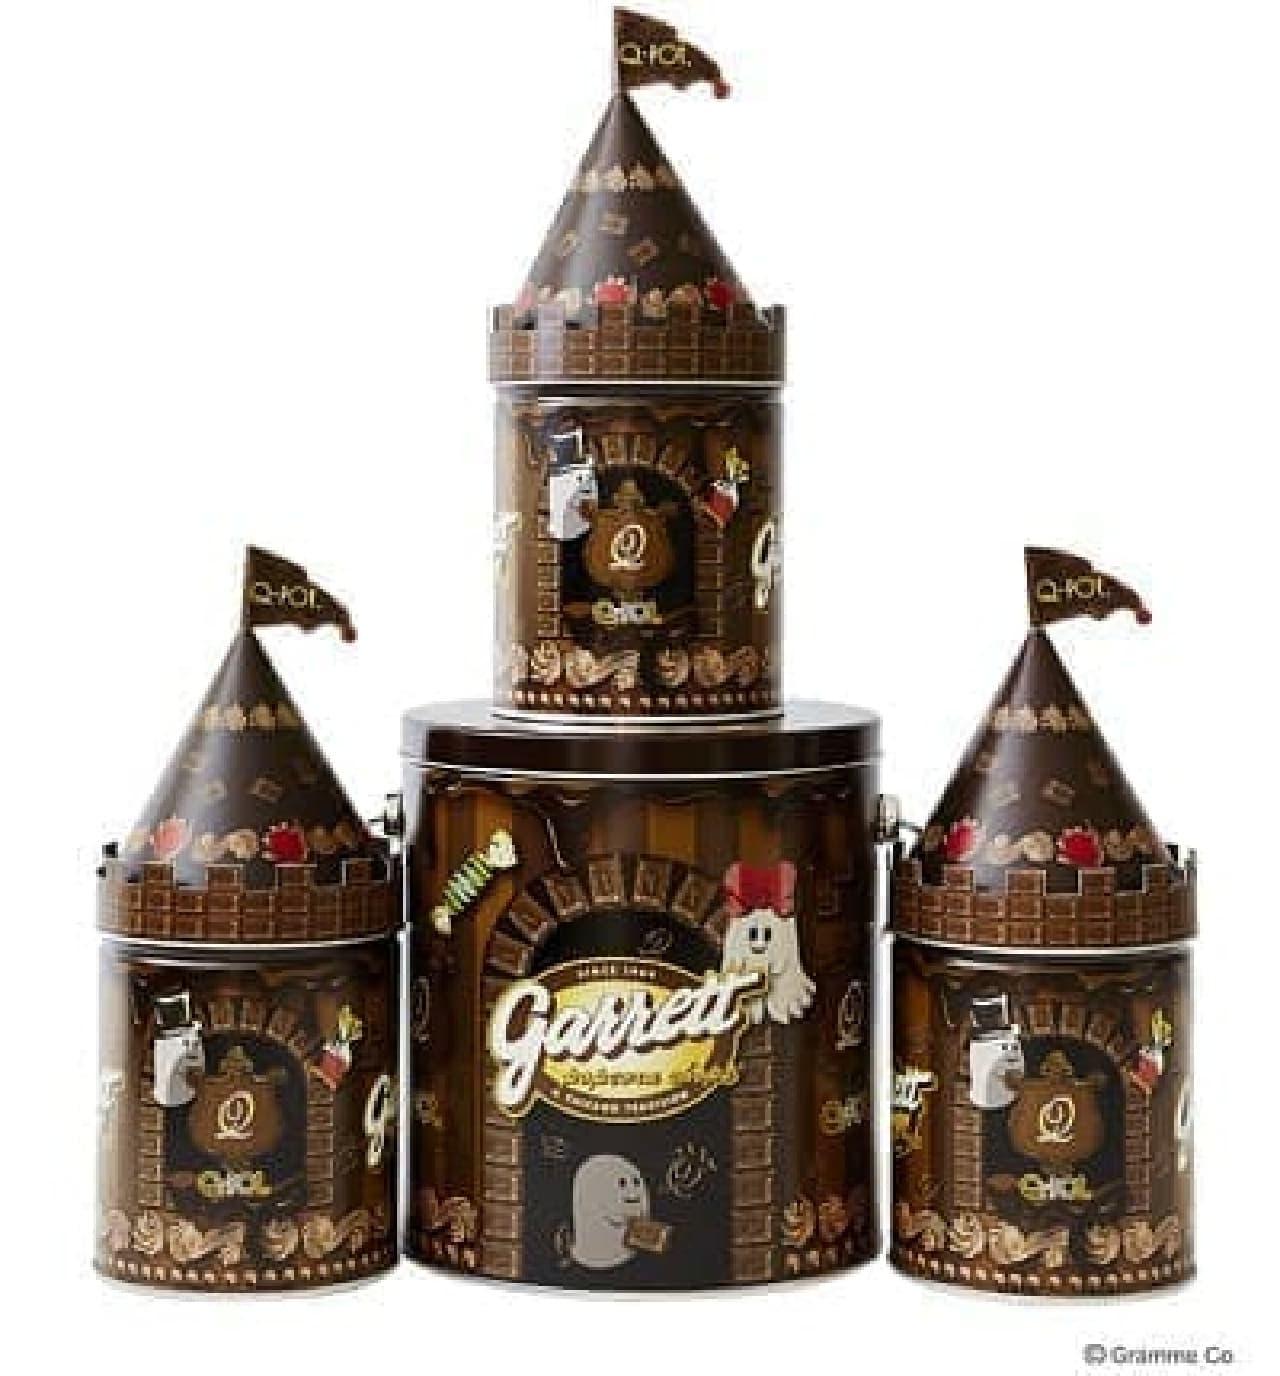 ギャレット ポップコーン「Q-pot.」とのコラボレーション缶